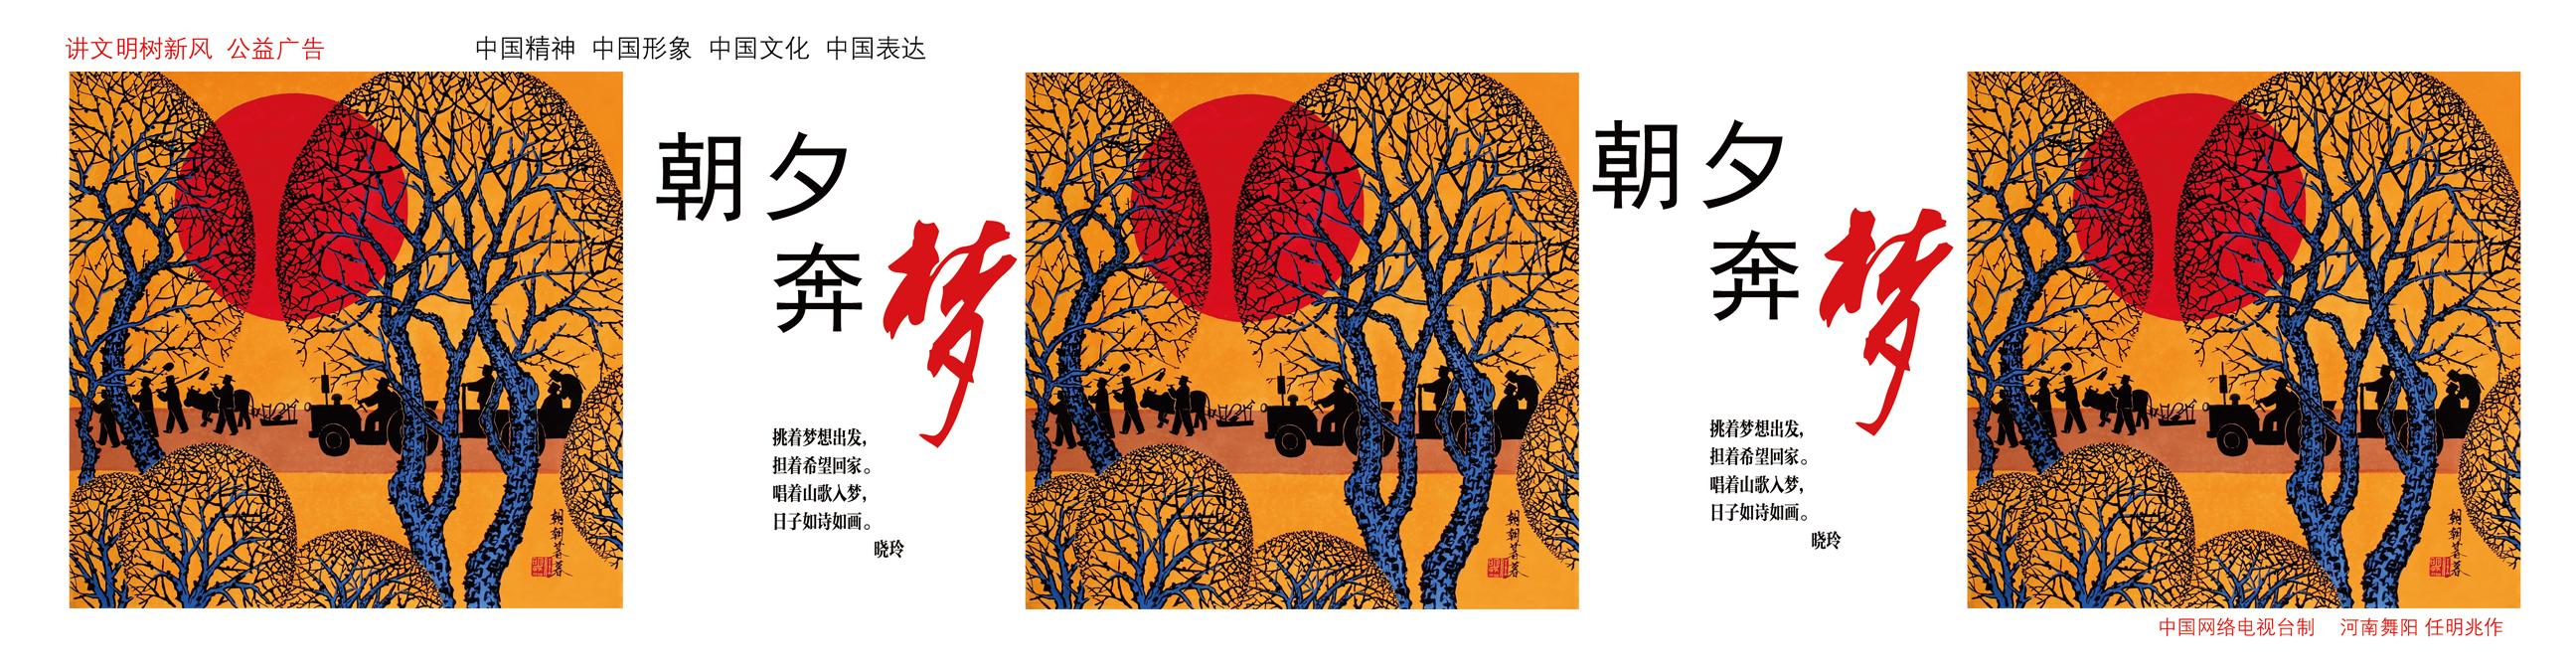 中国梦,我的梦(系列公益广告图片集)